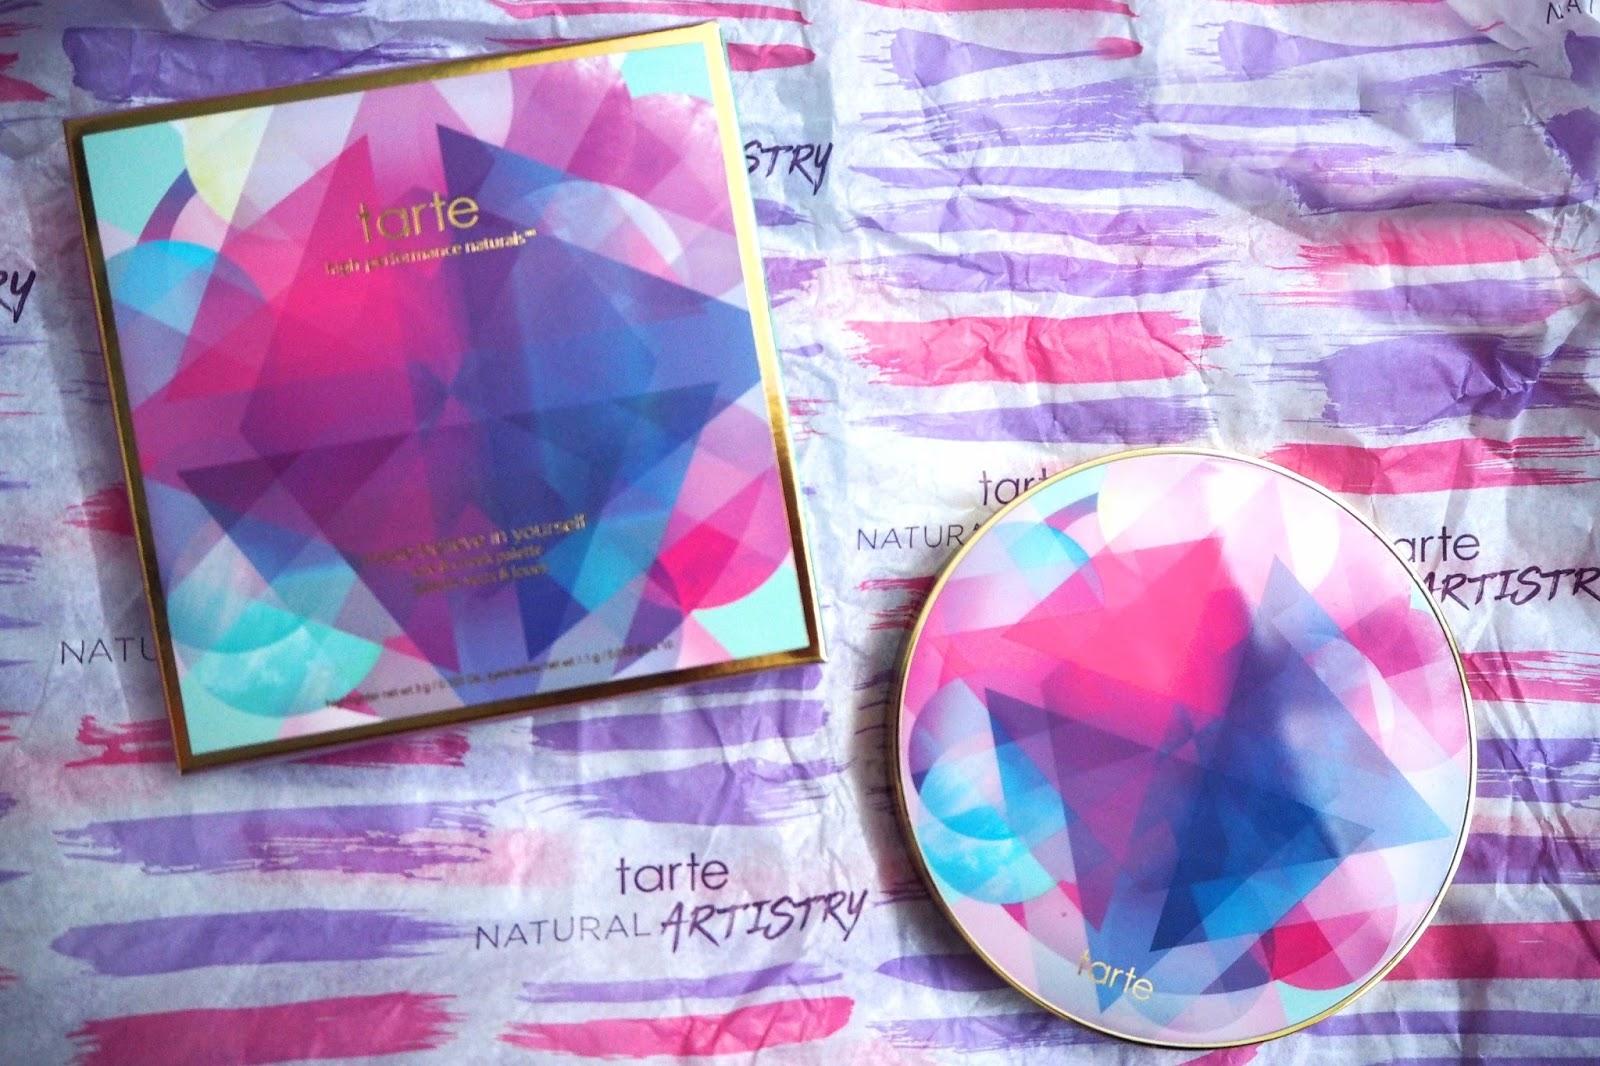 Tarte Make Believe Packaging